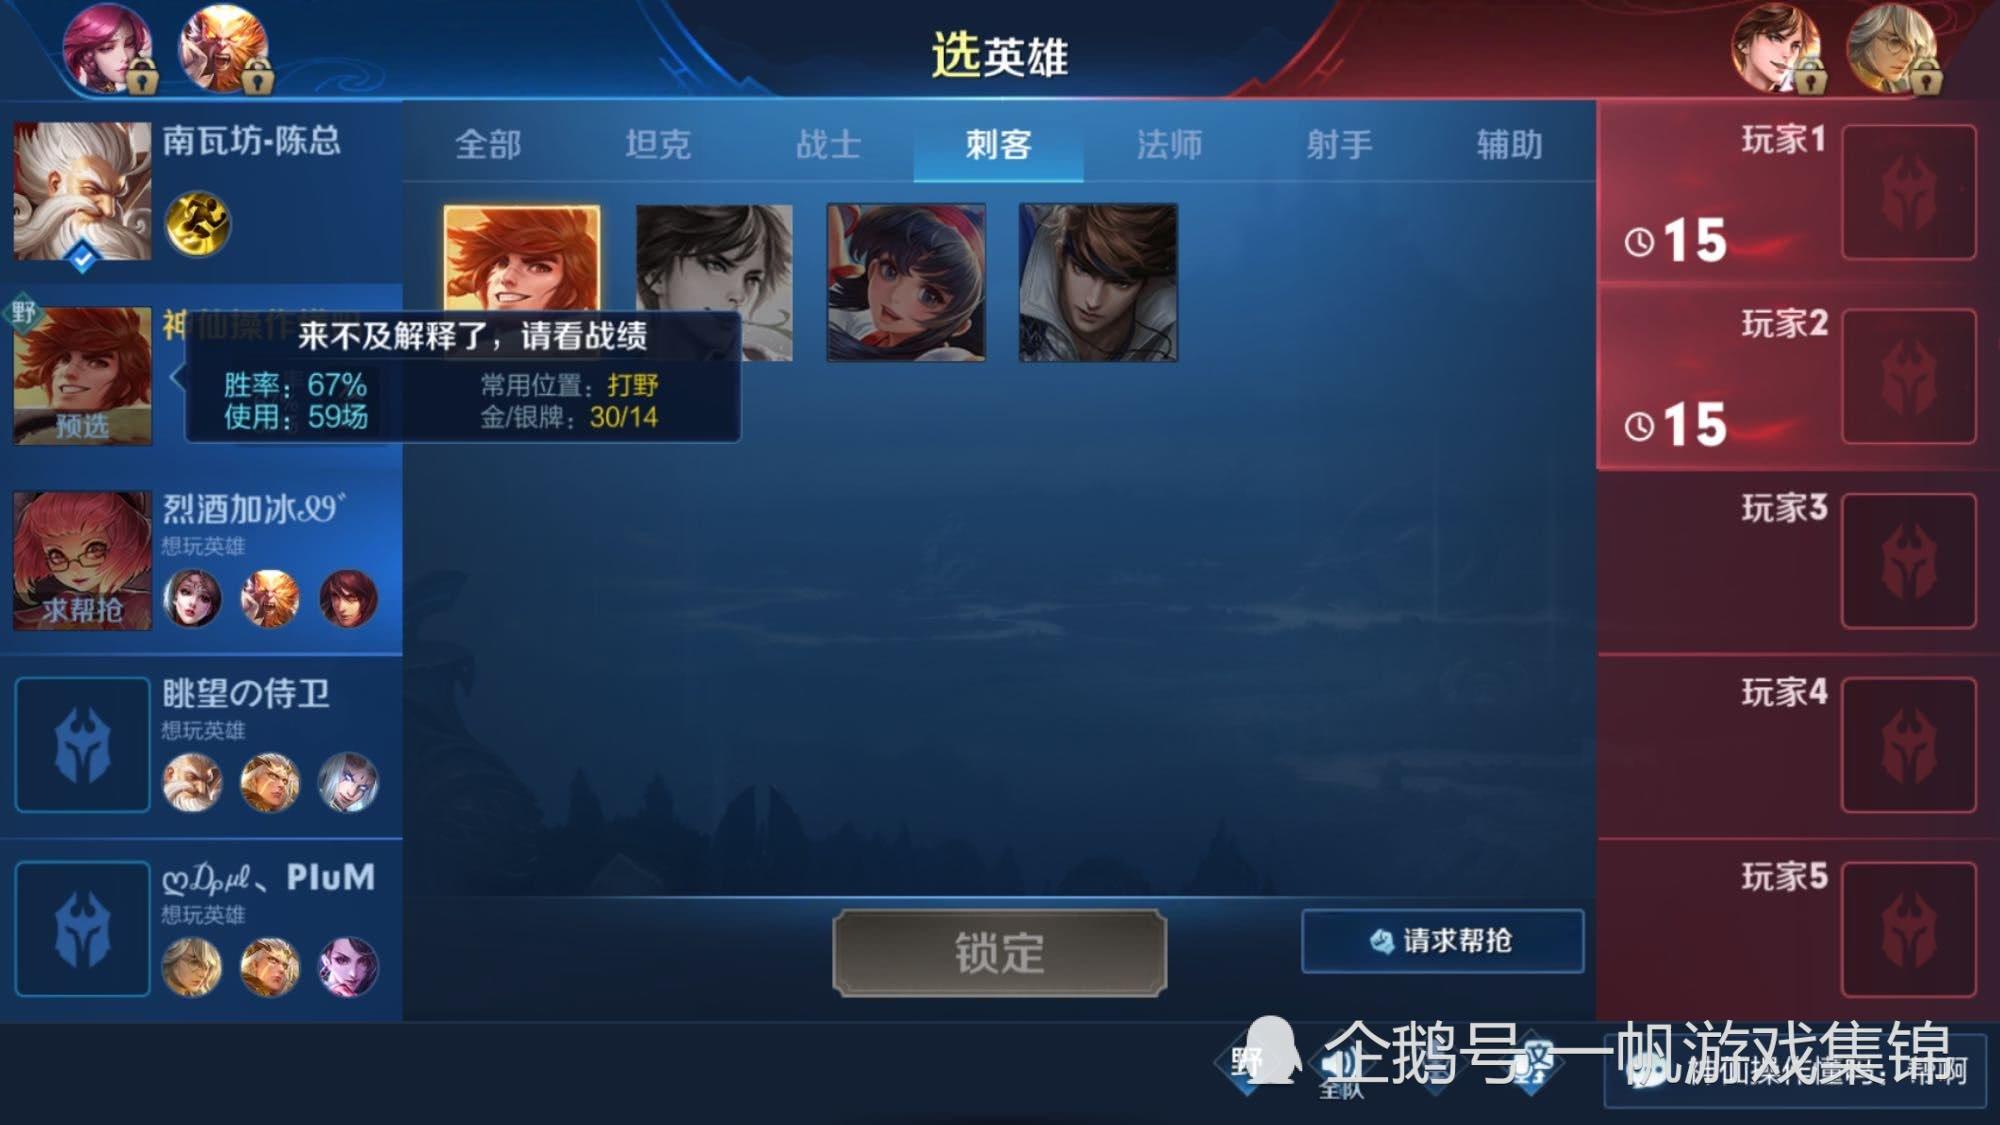 王者荣耀:低端局如何玩好裴擒虎?玩家五张图告诉大家老虎真的强